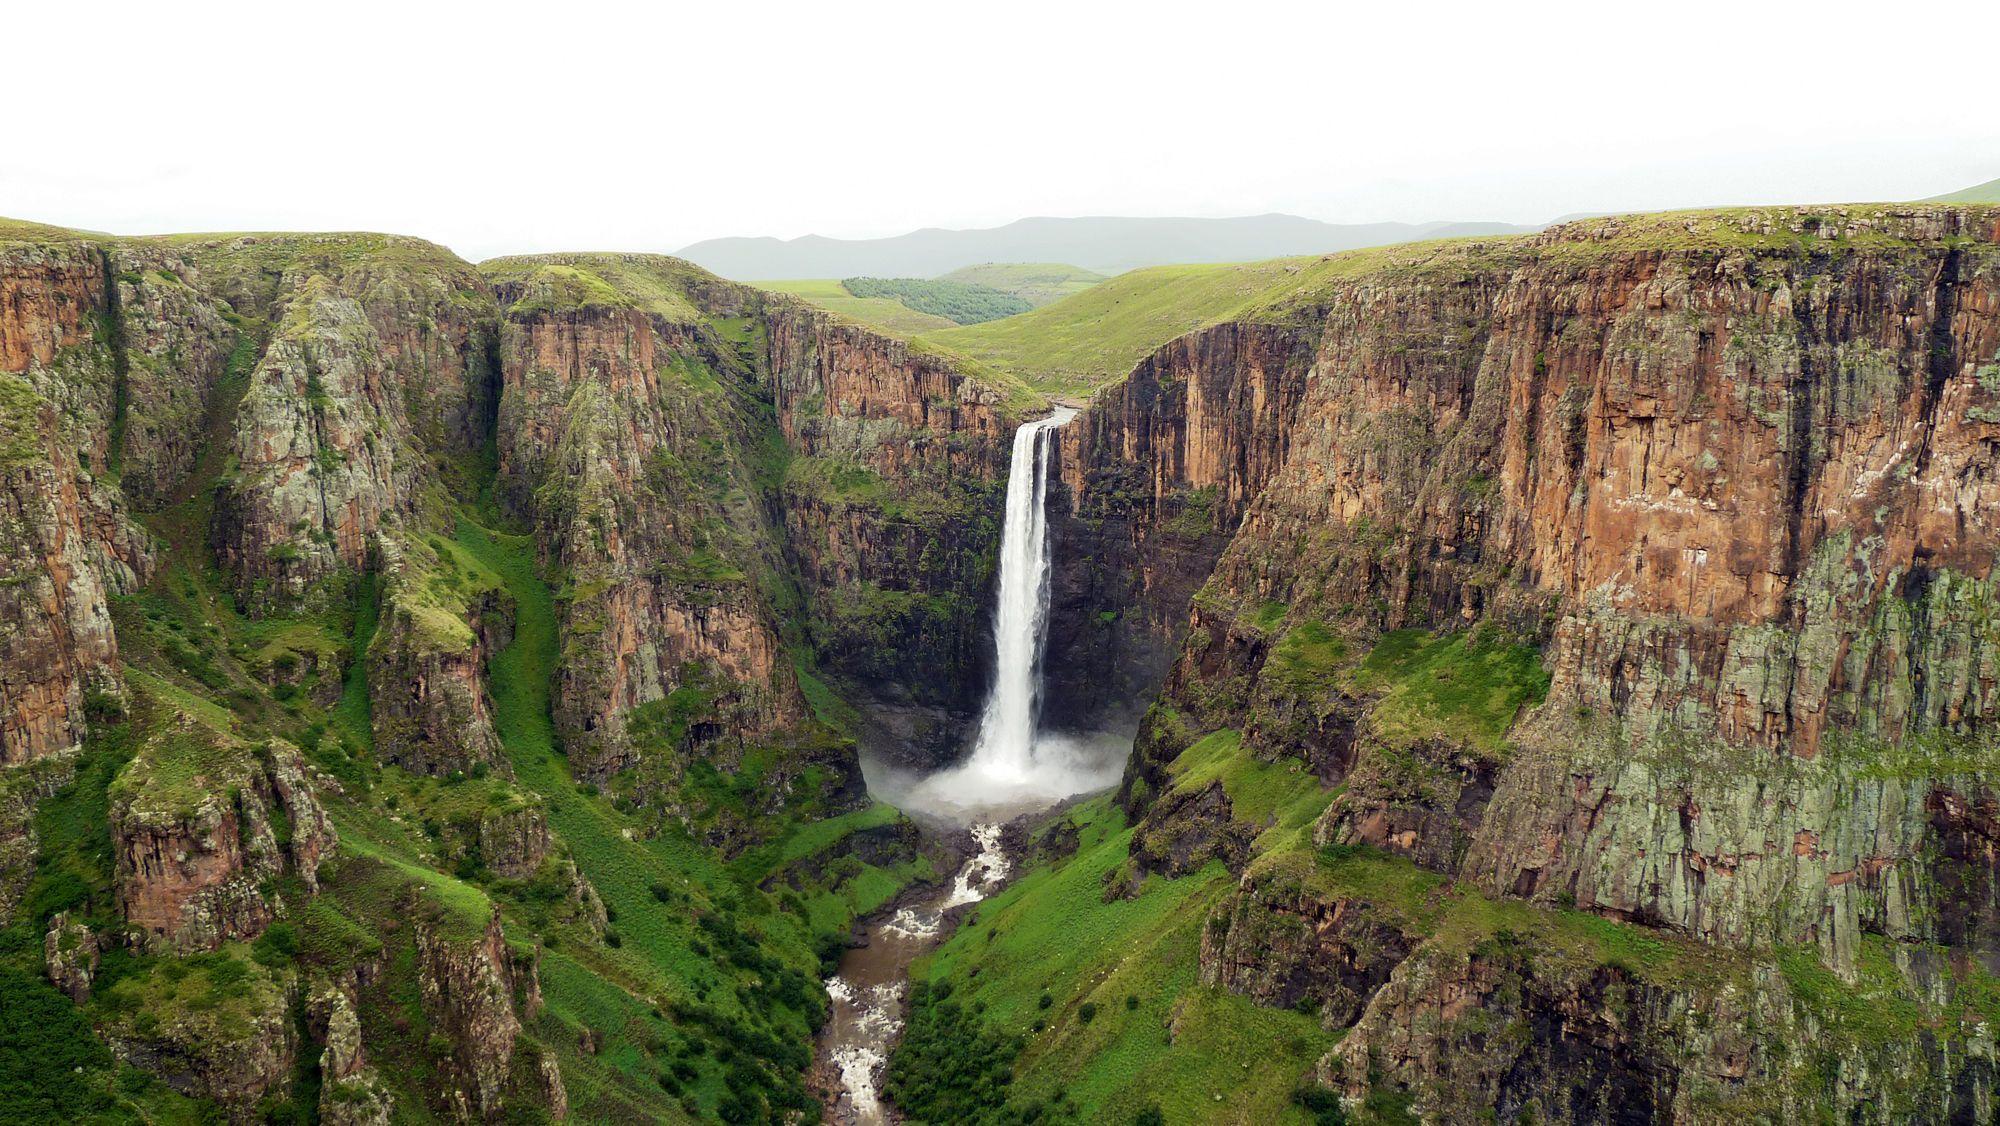 Королівство Лесото, Африка, водоспад